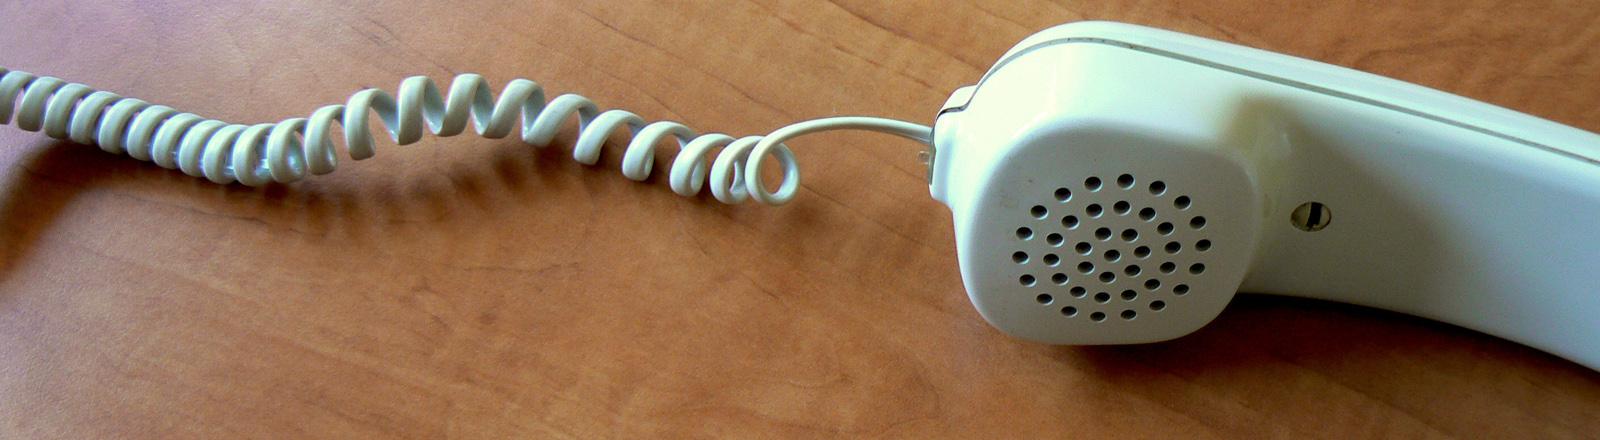 Ein altmodisches Telefon mit Schnur.